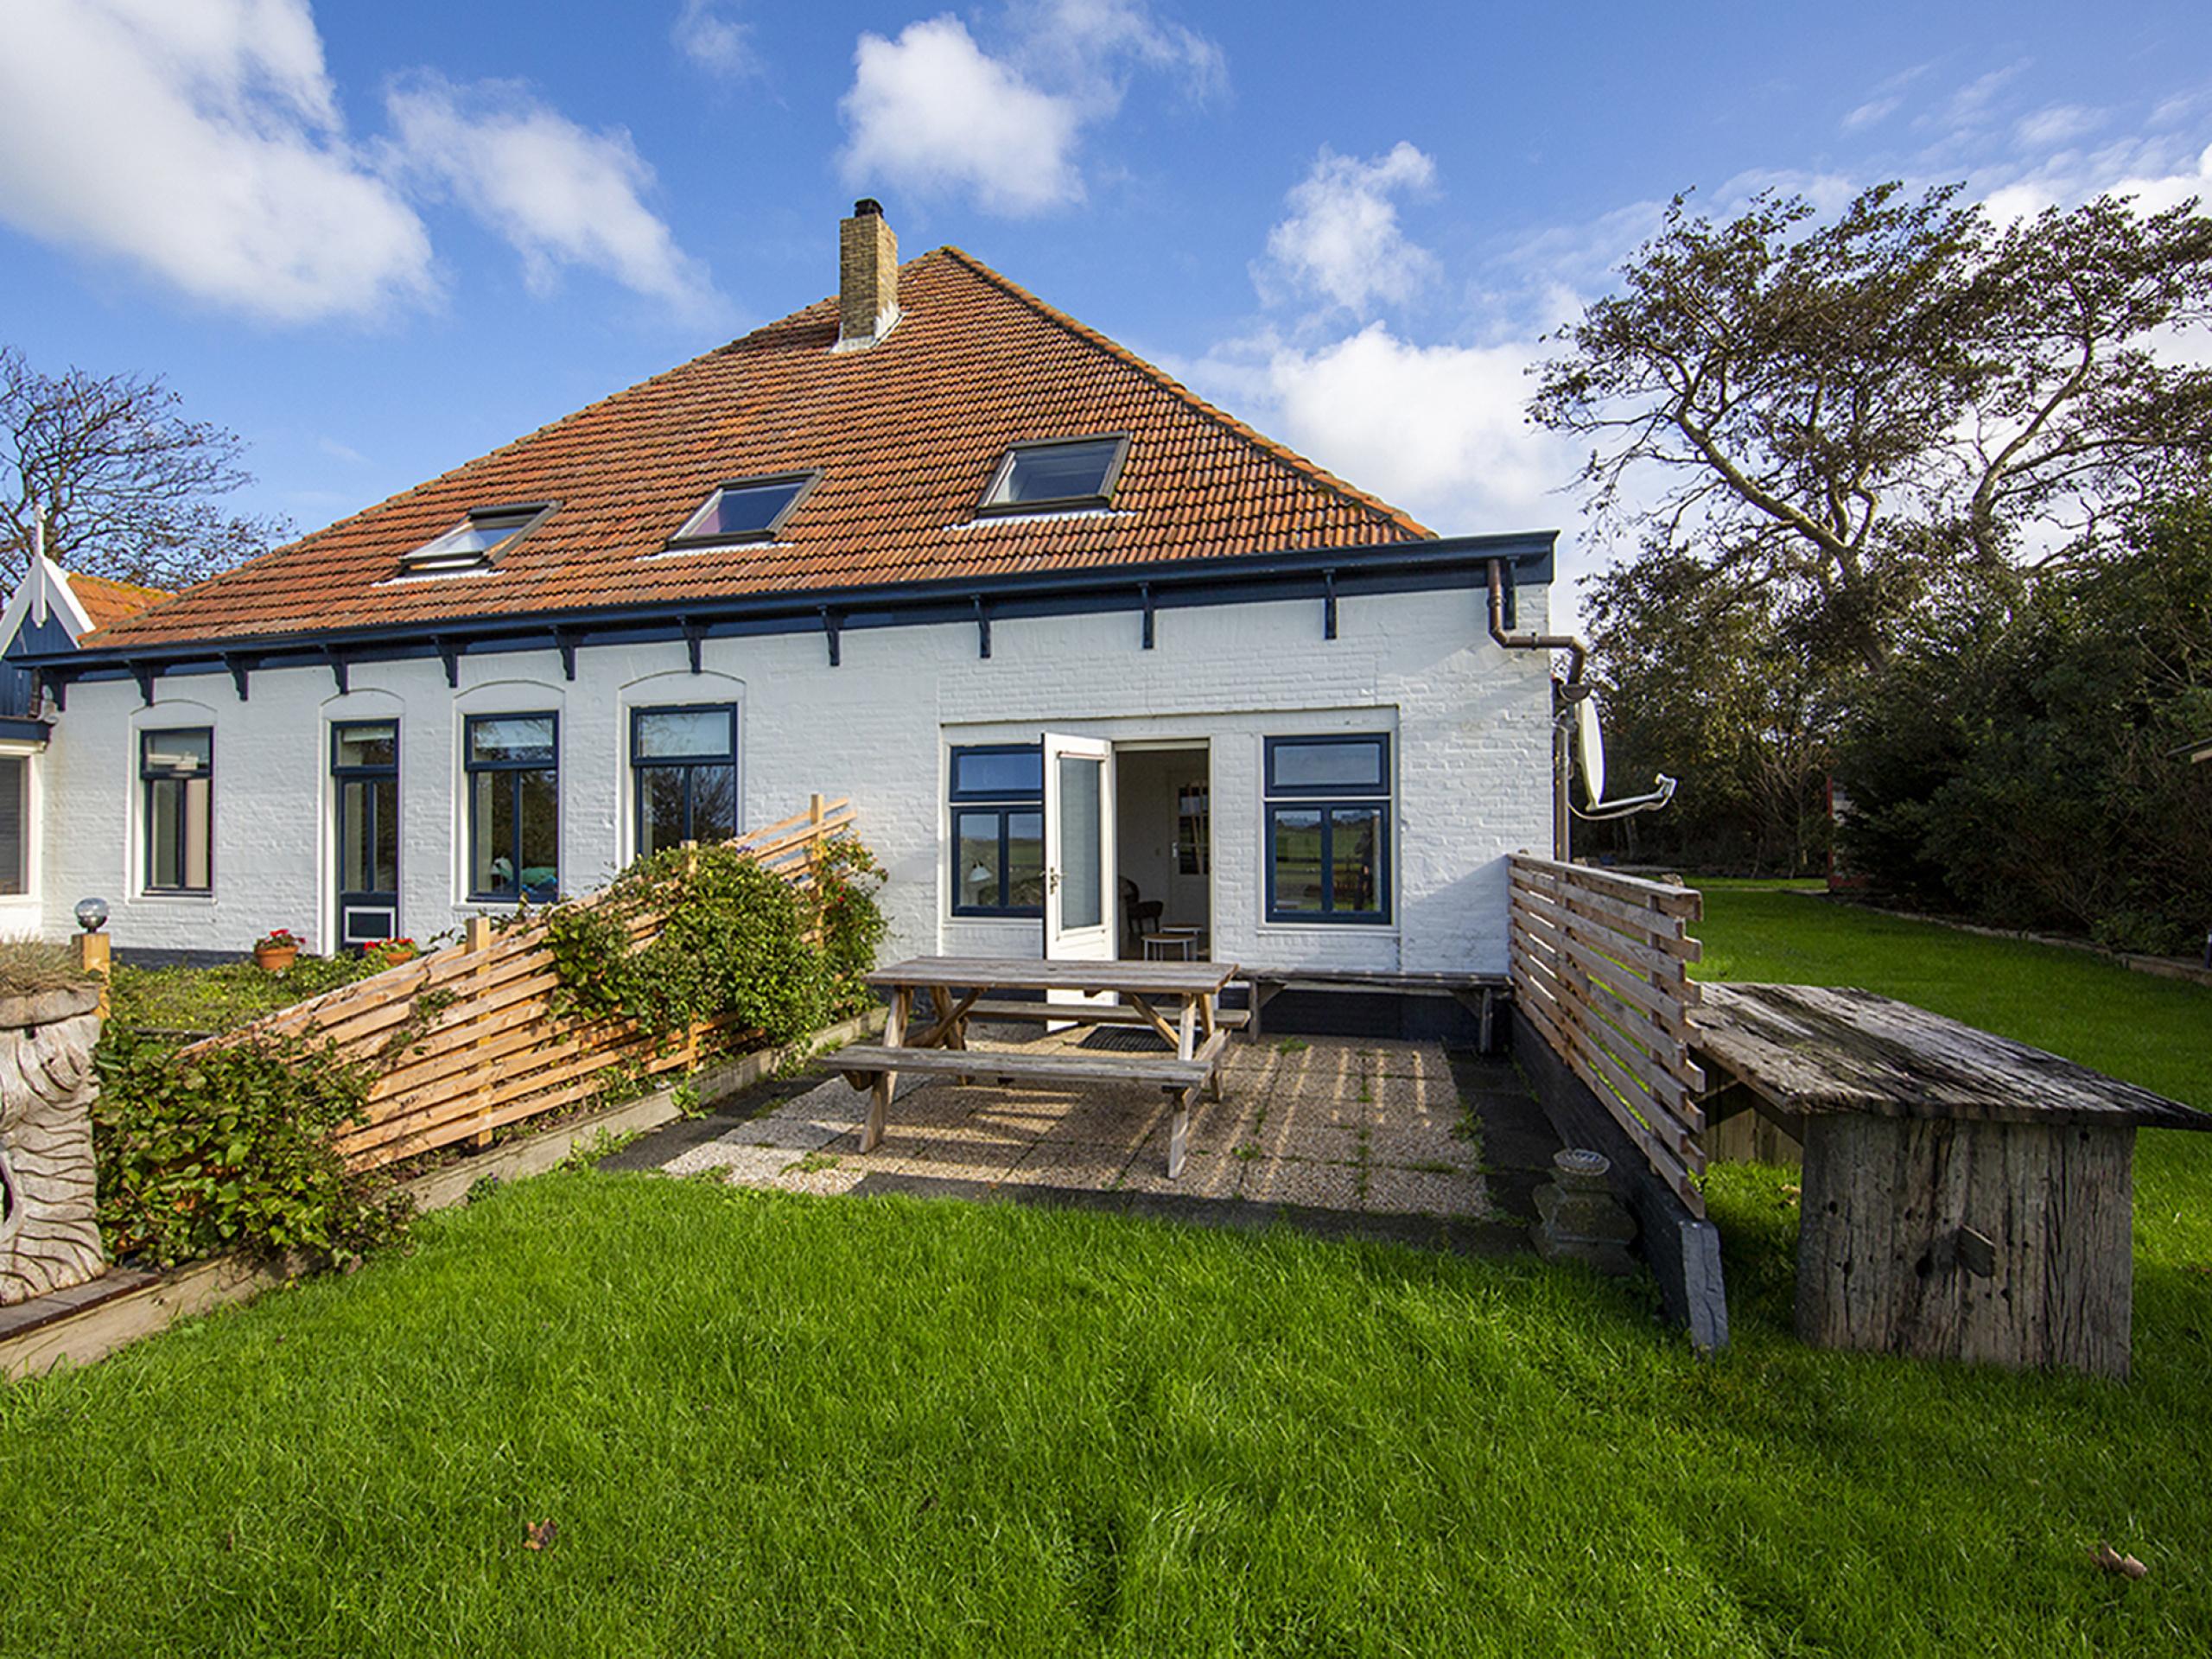 Ländliches und ruhig gelegenes Ferienhaus in der Nähe des Wattenmeeres